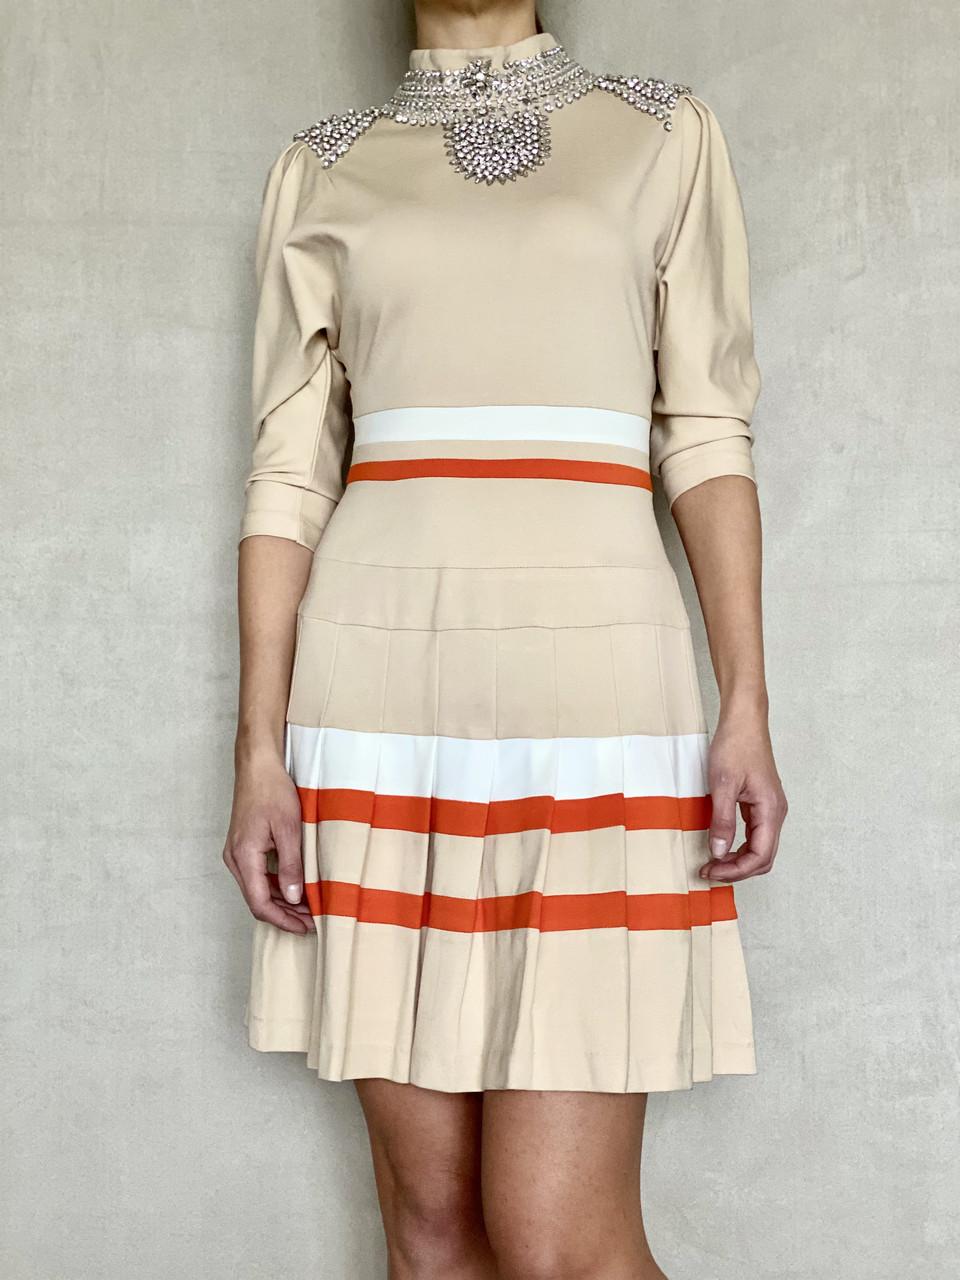 Платье женское светлое с камнями Swarovski бренд LUX копия яркое стильное молодежное приталенное